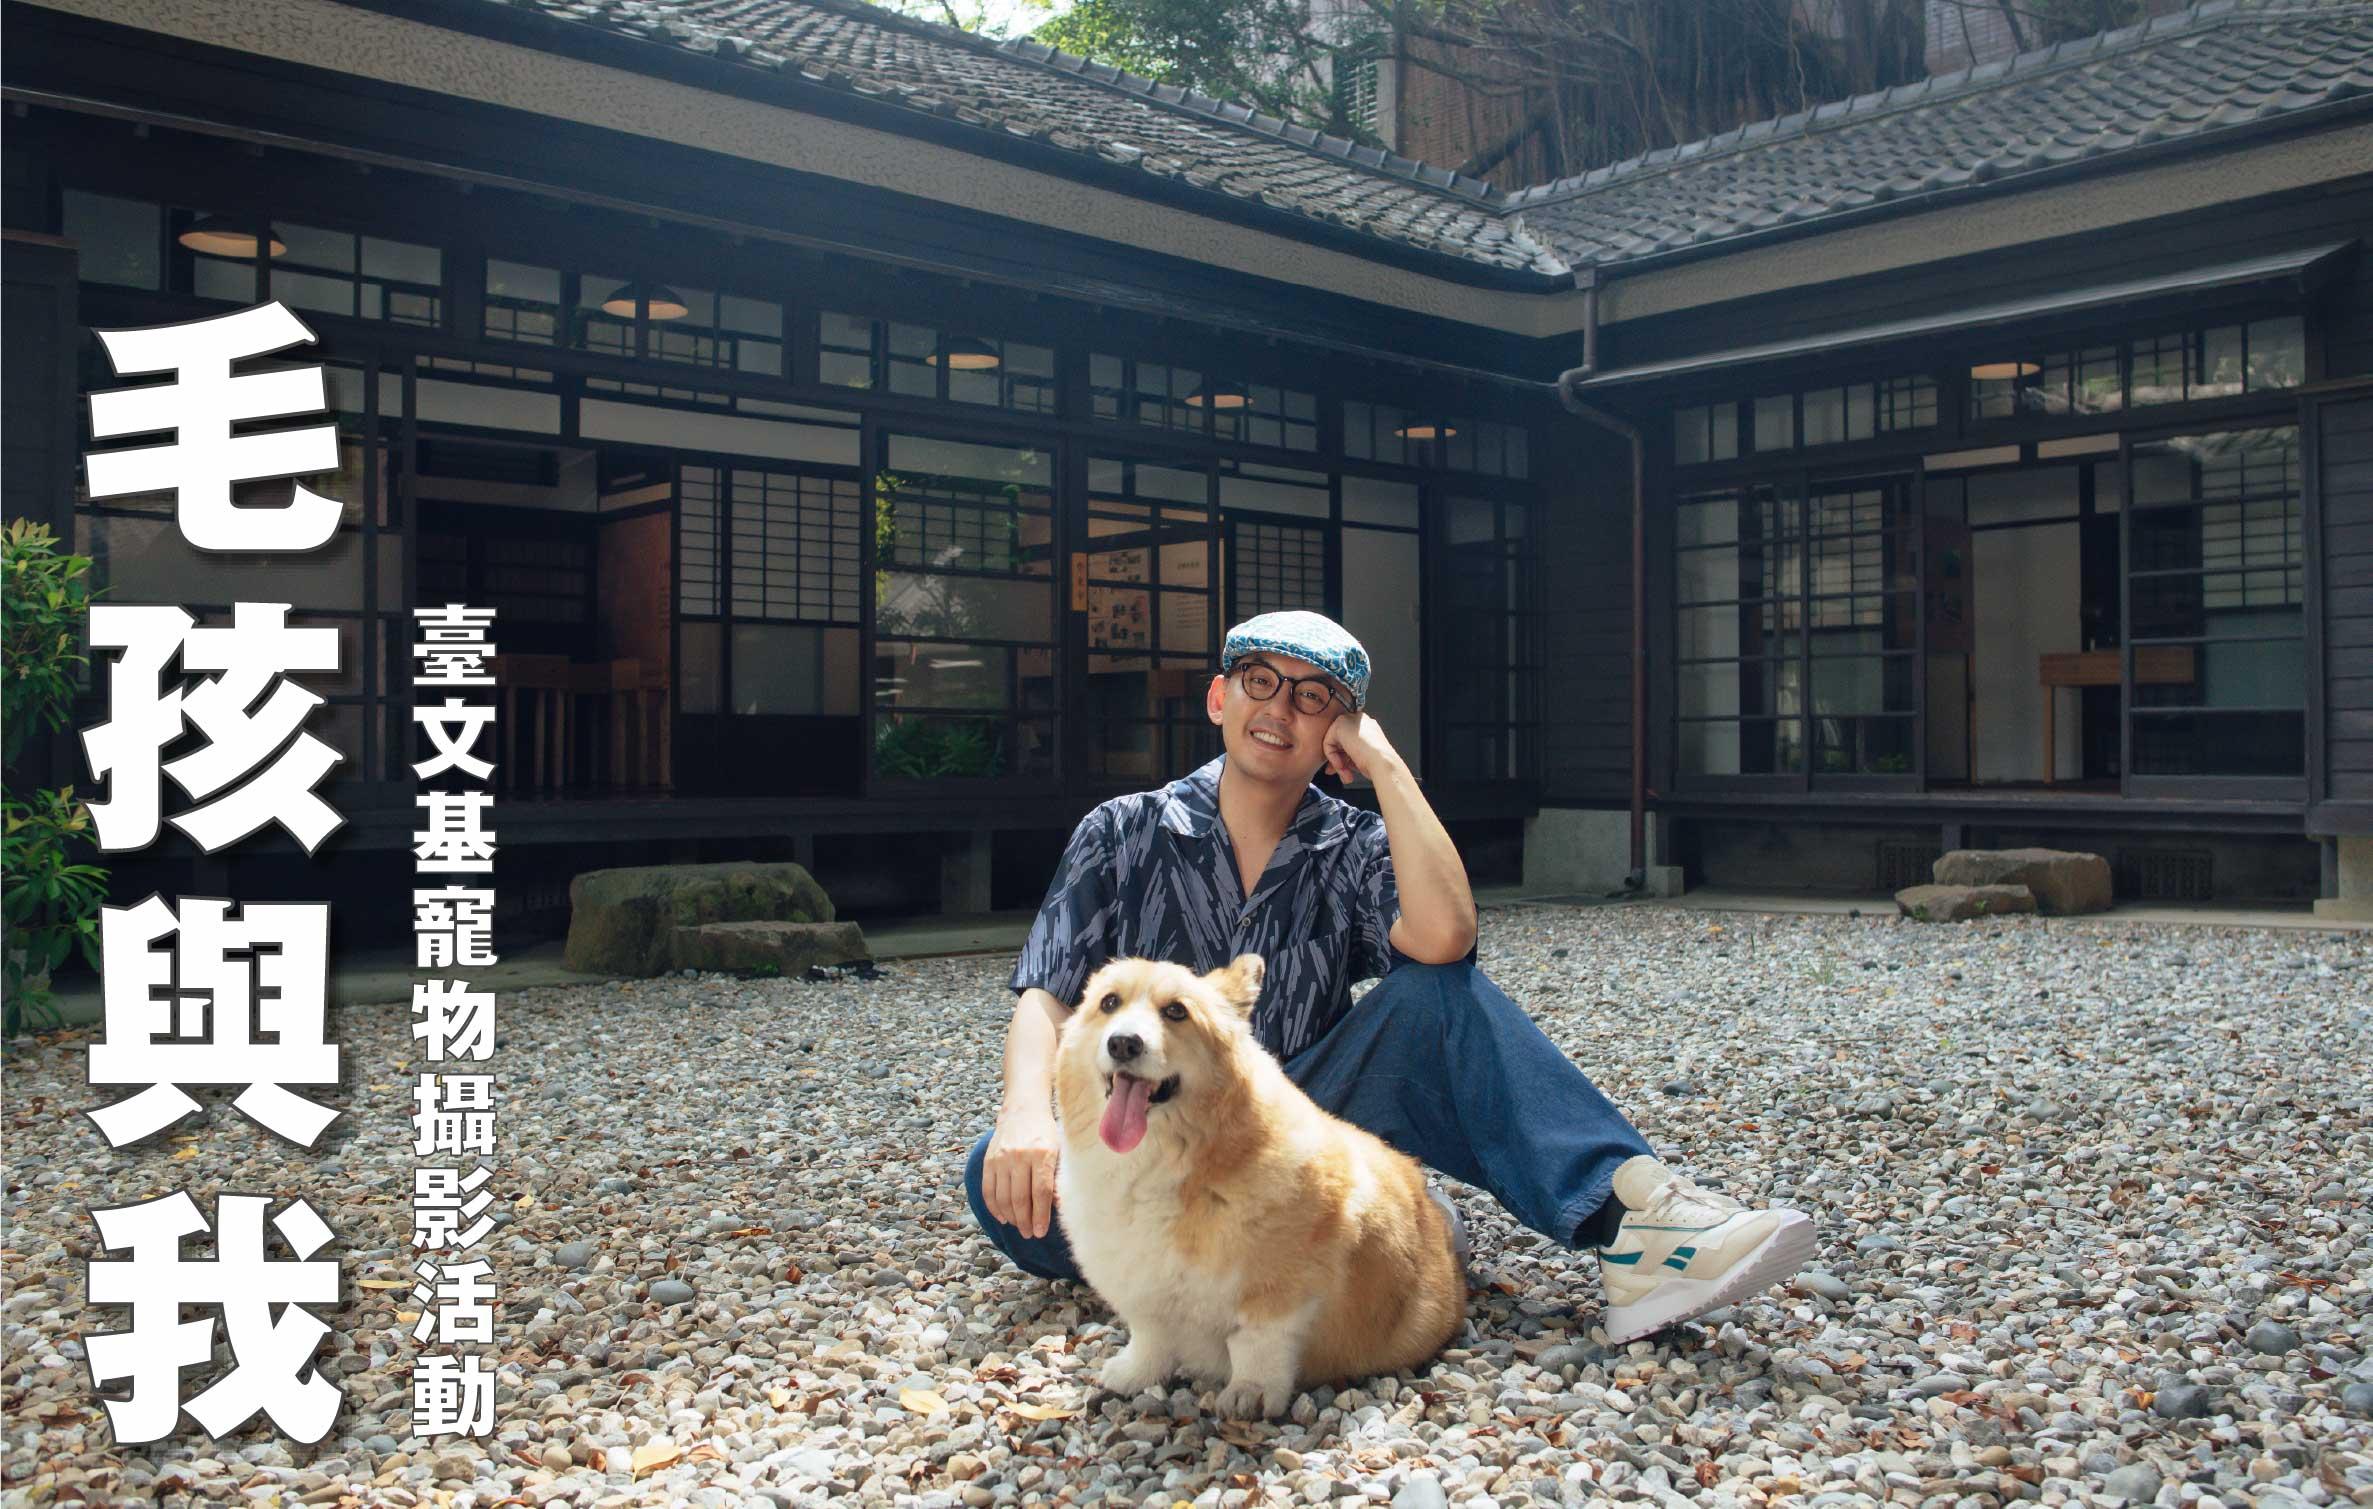 【臺灣文學基地】毛孩與我 寵物拍攝活動